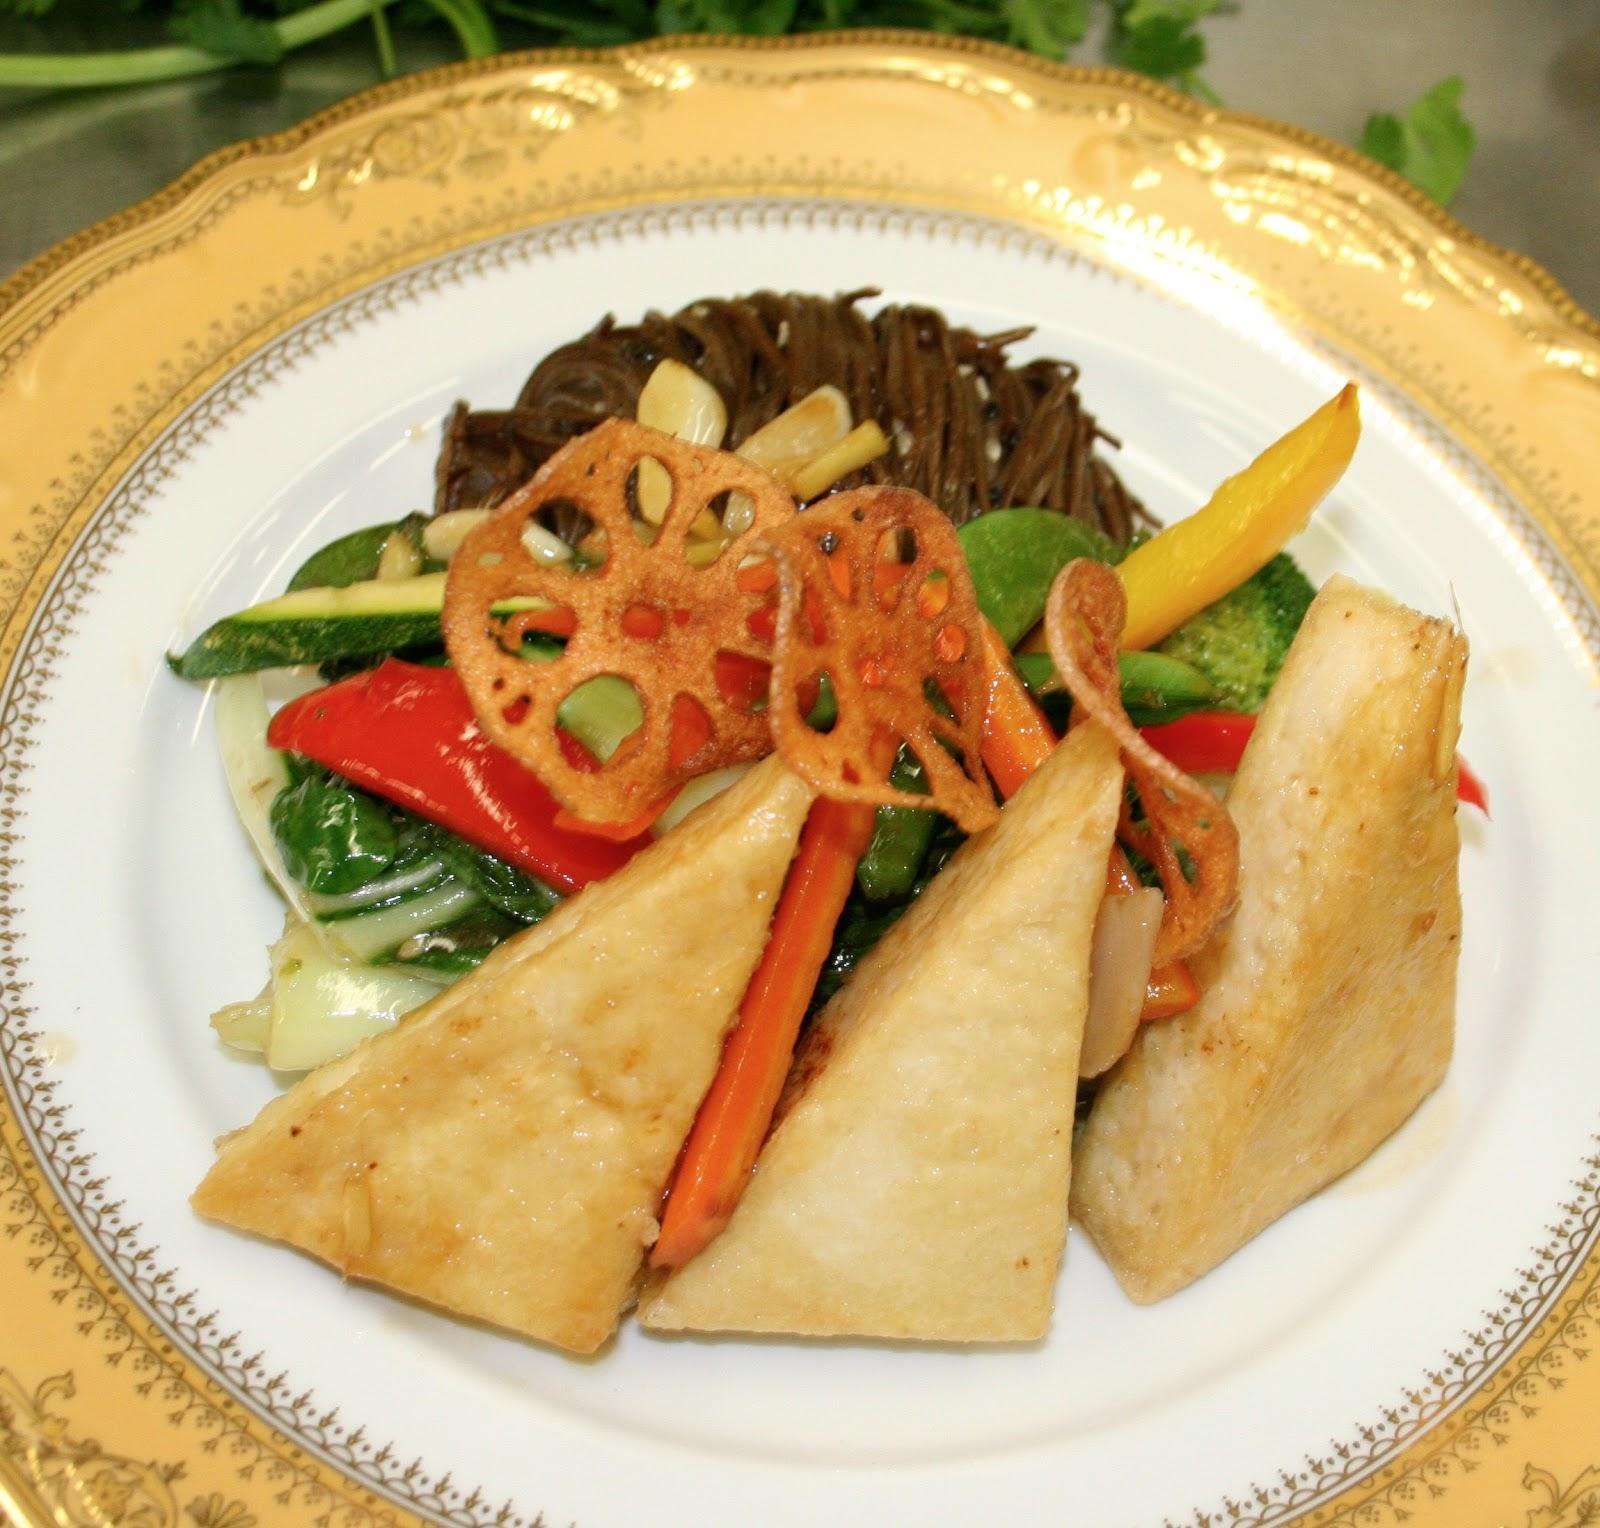 tofu stir fry tofu stir fry tofu peanut stir fry tofu stir fry with ...